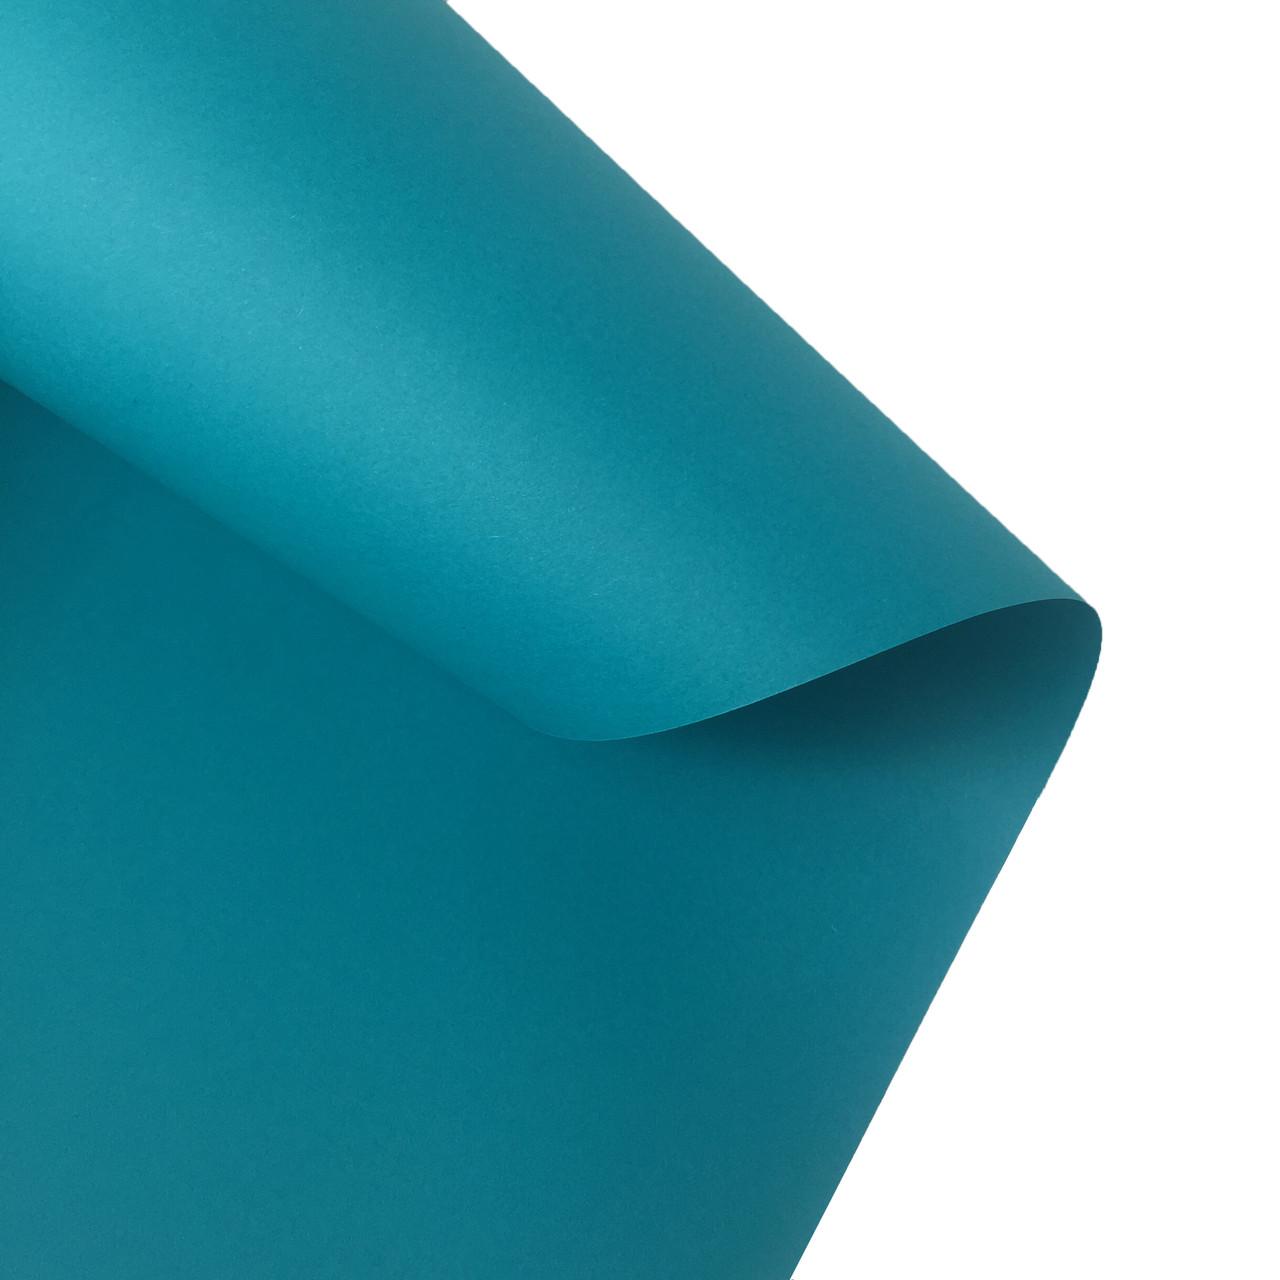 Бумага цветная Folia 130 г/м2, 50 x 70, бирюзовая